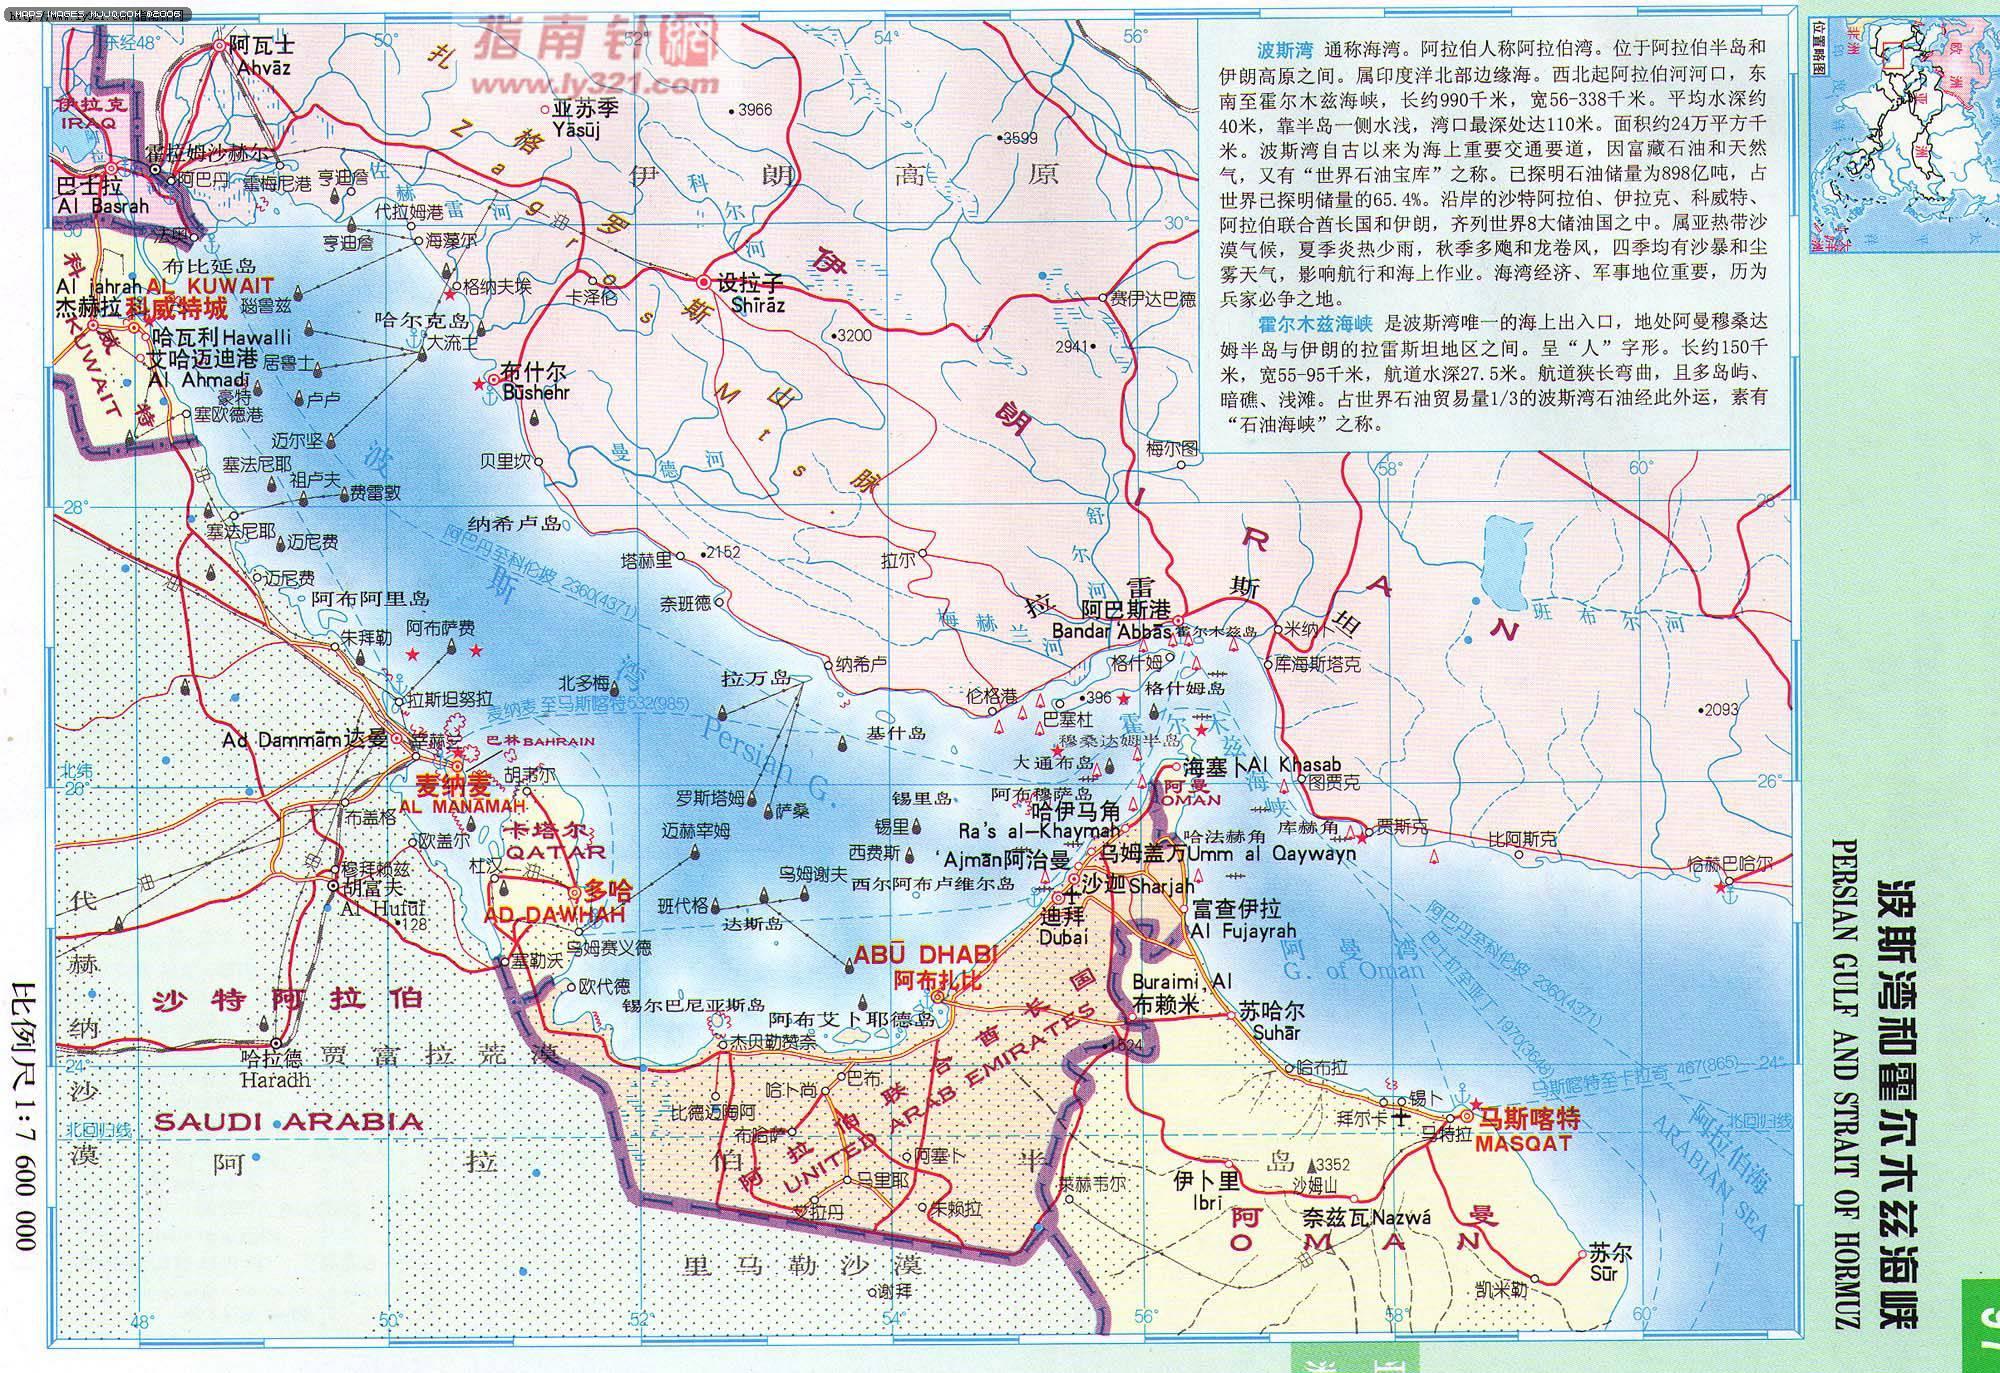 霍爾木茲海峽地圖 - 亞洲地圖 Asia Maps.世界地圖- 美景旅遊網